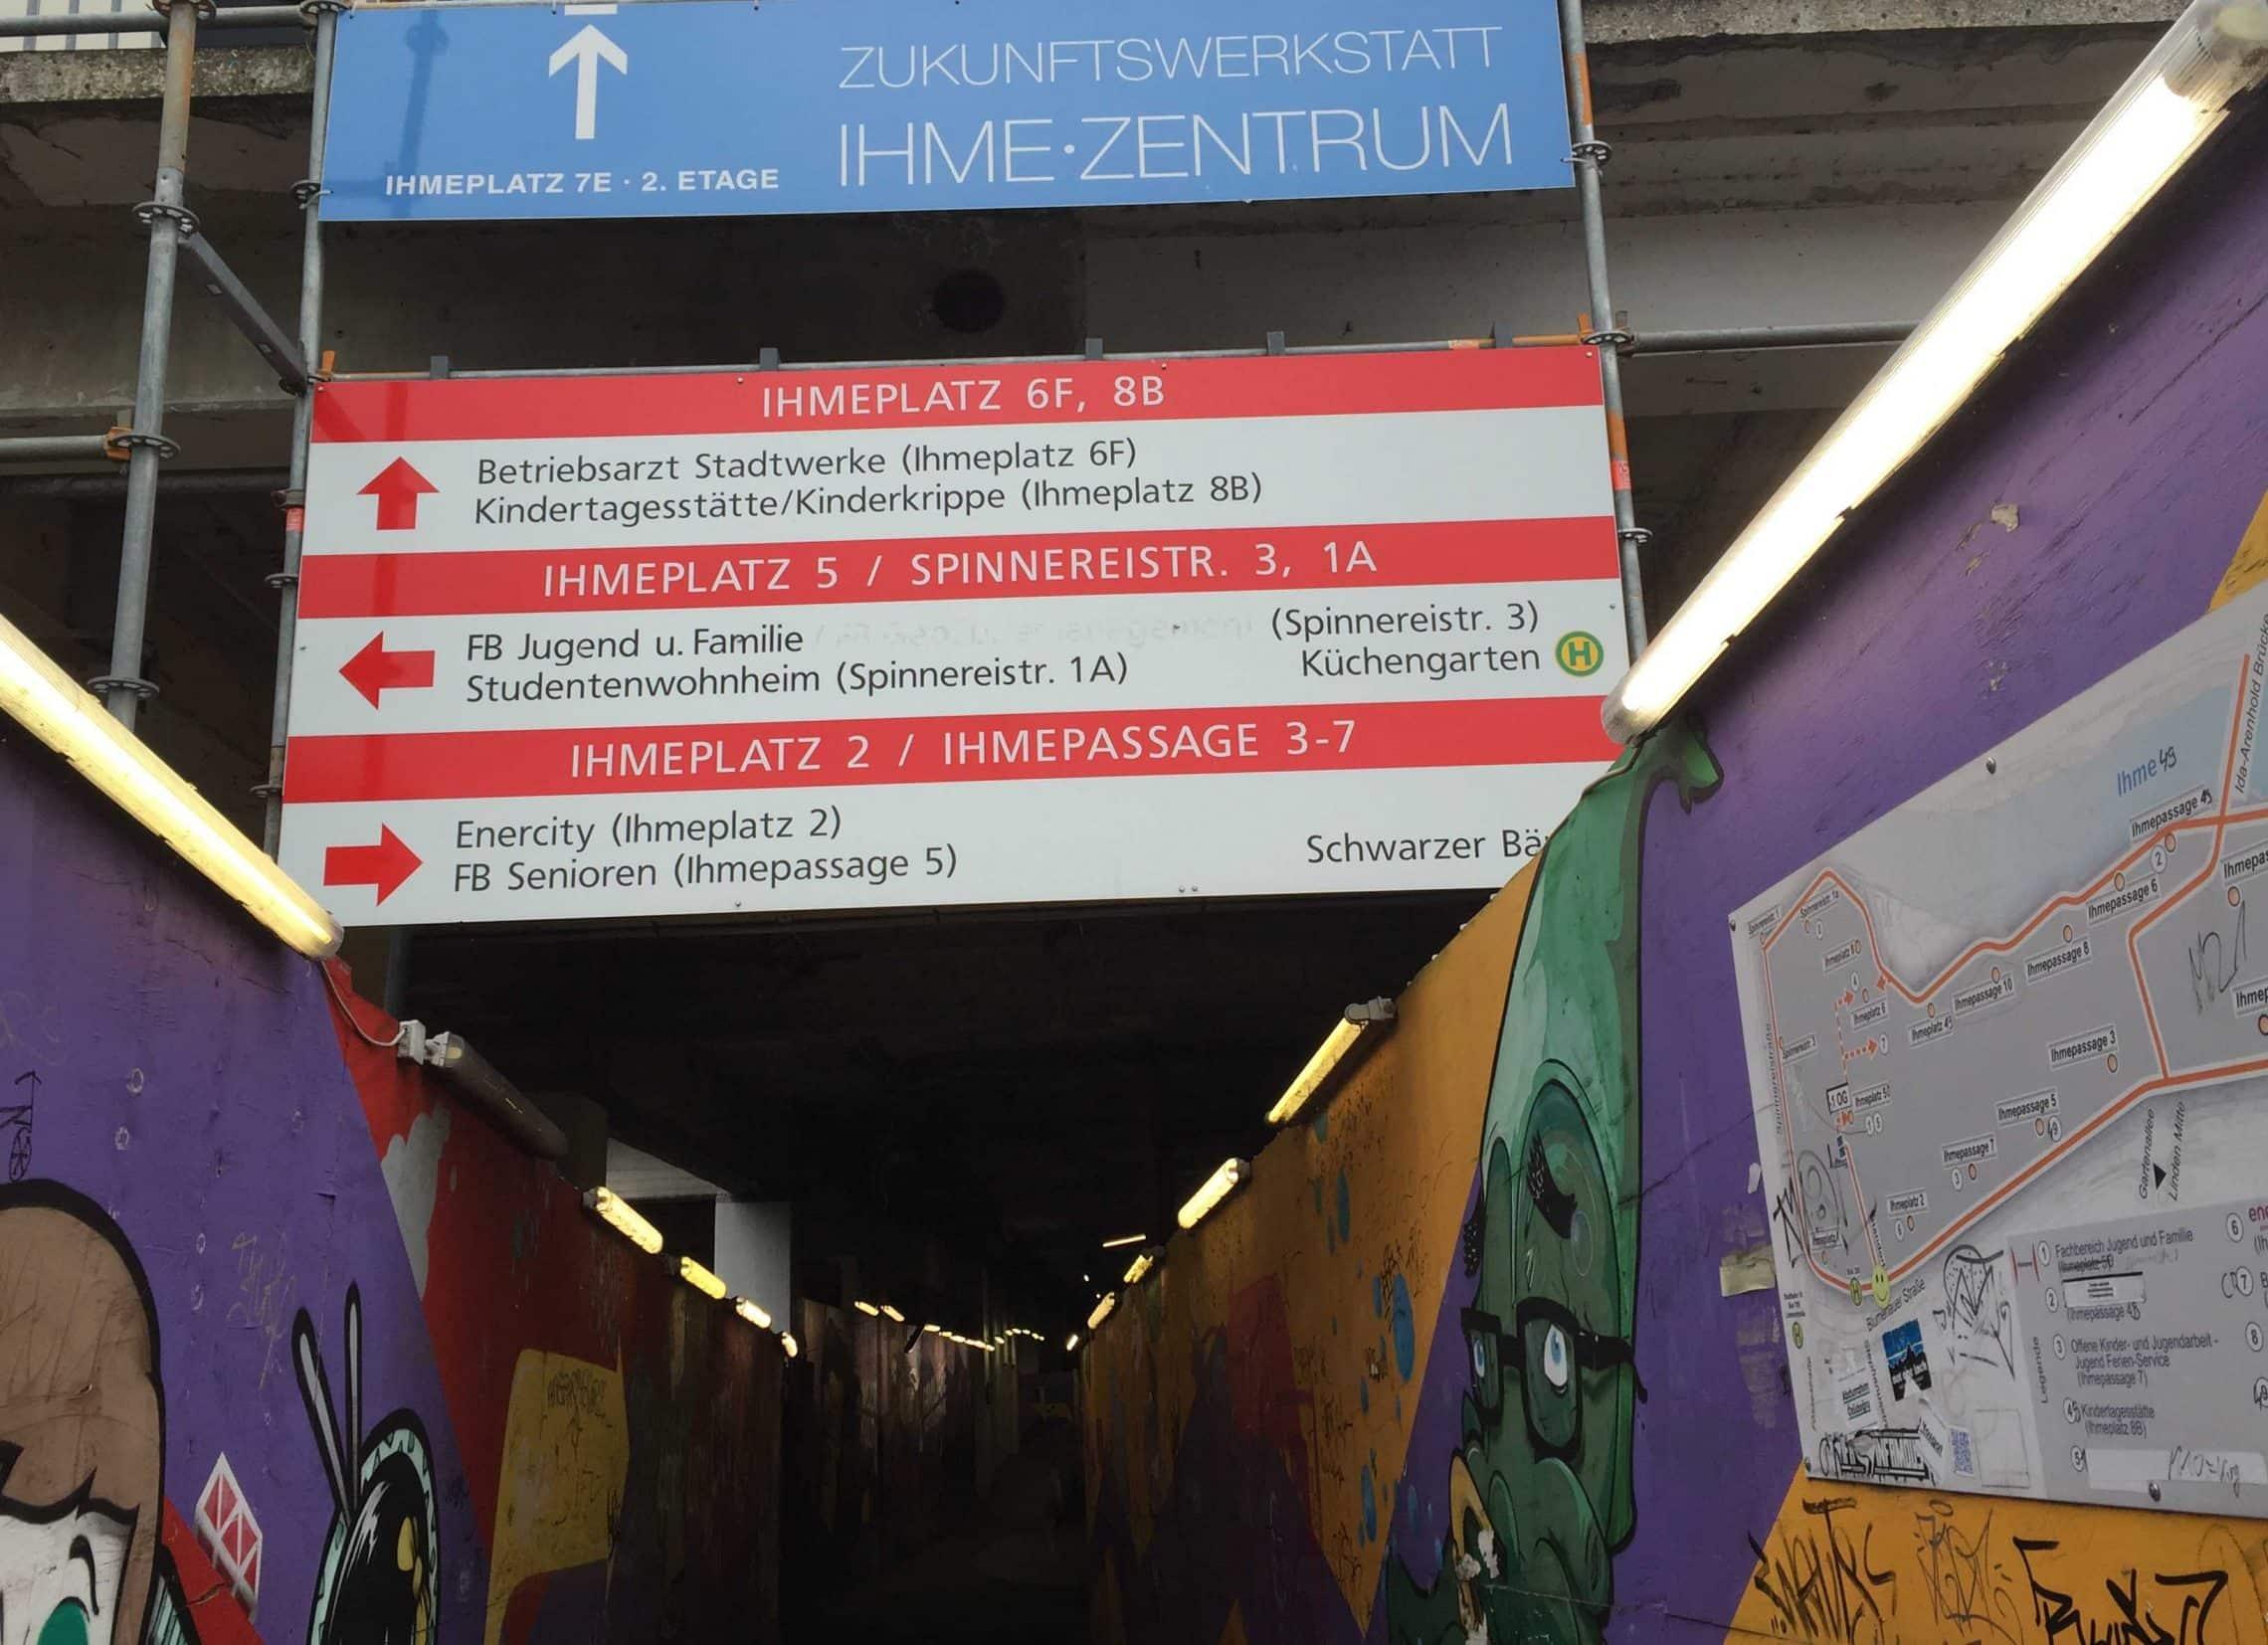 Style Hannover Zukunftswerkstatt Ihmezentrum3 - Zukunftswerkstatt Ihme-Zentrum